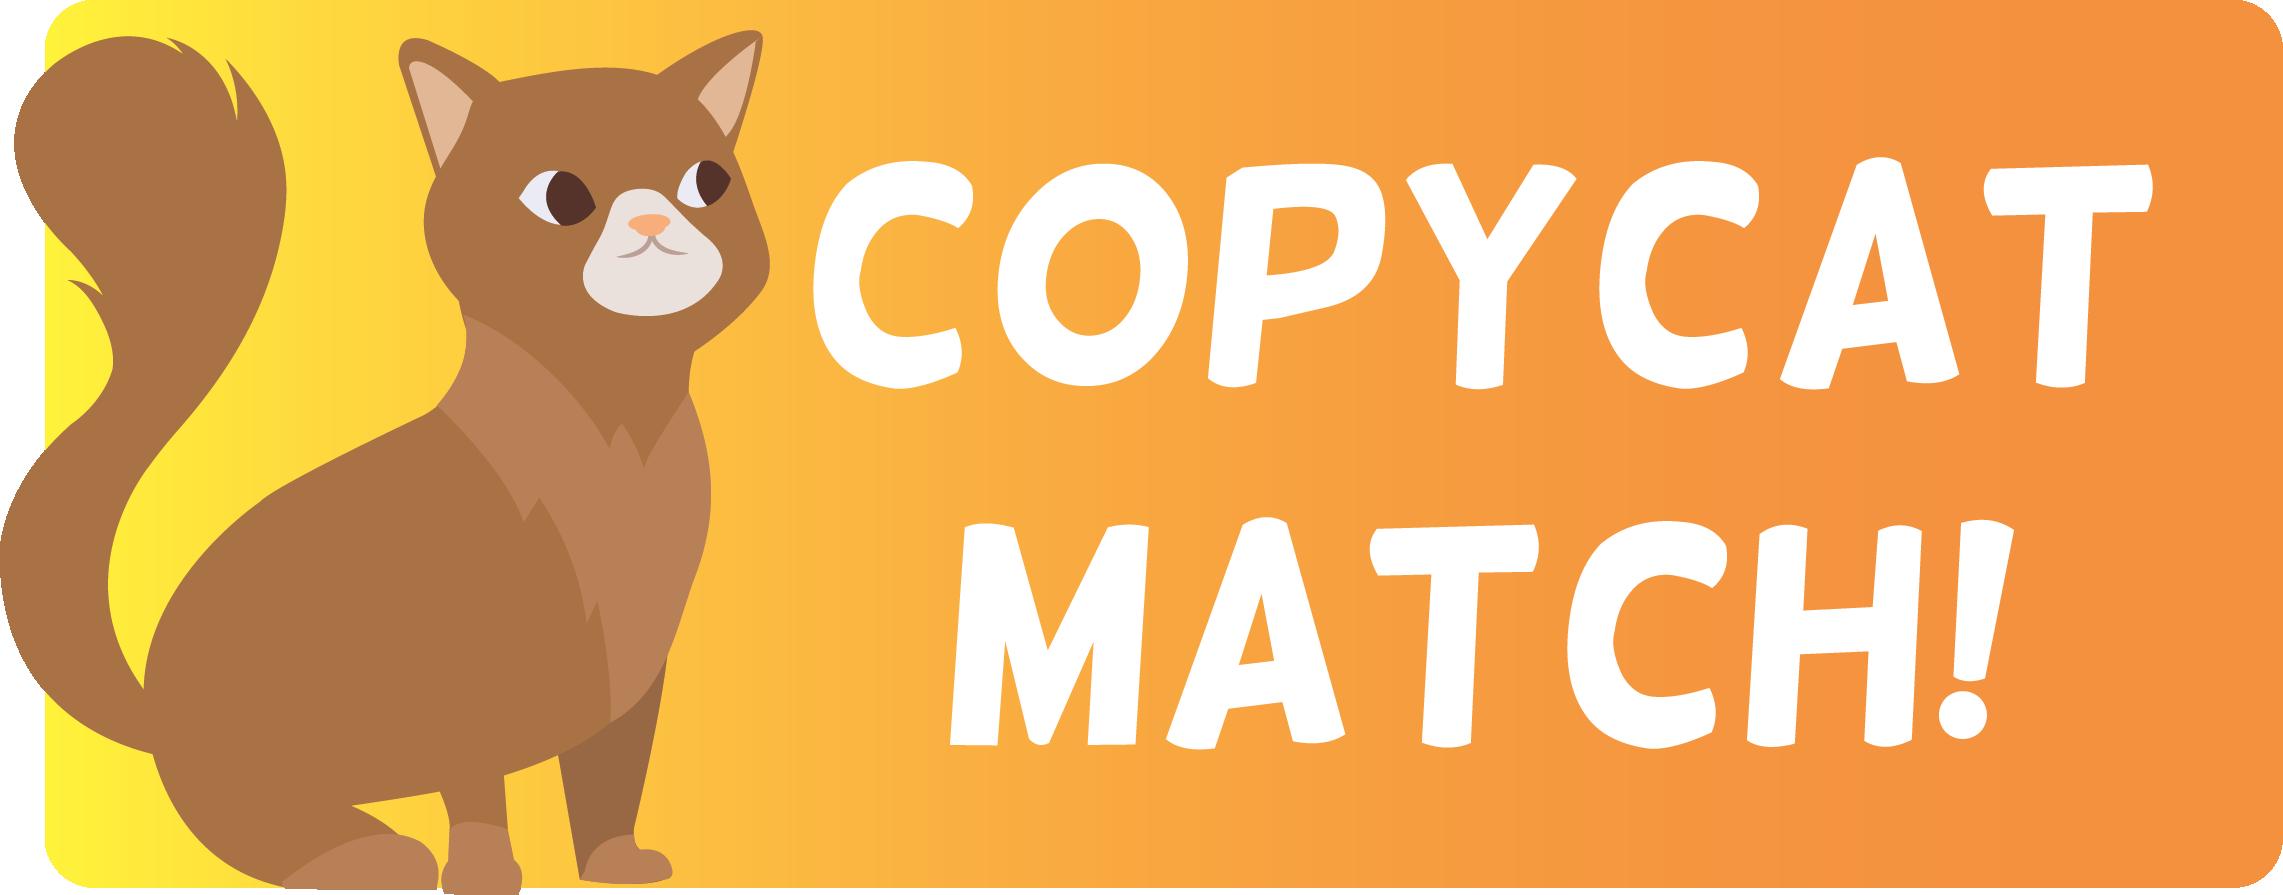 Copycat Match